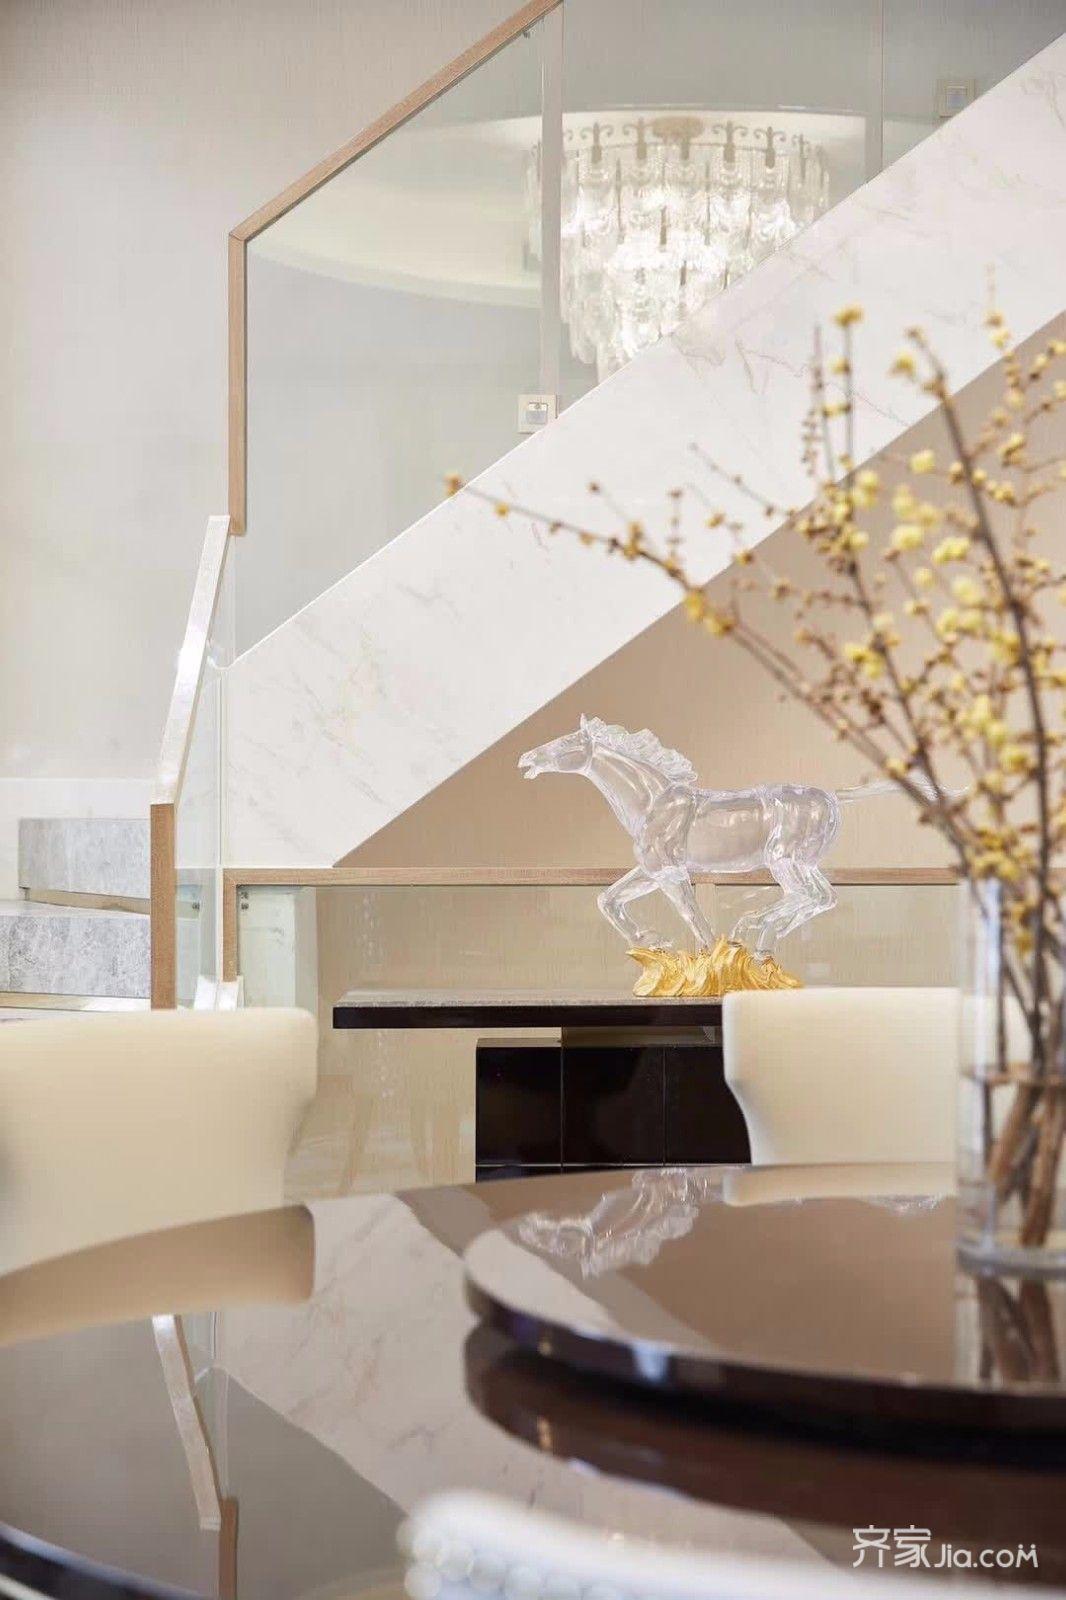 现代奢华复式别墅装修客厅小景